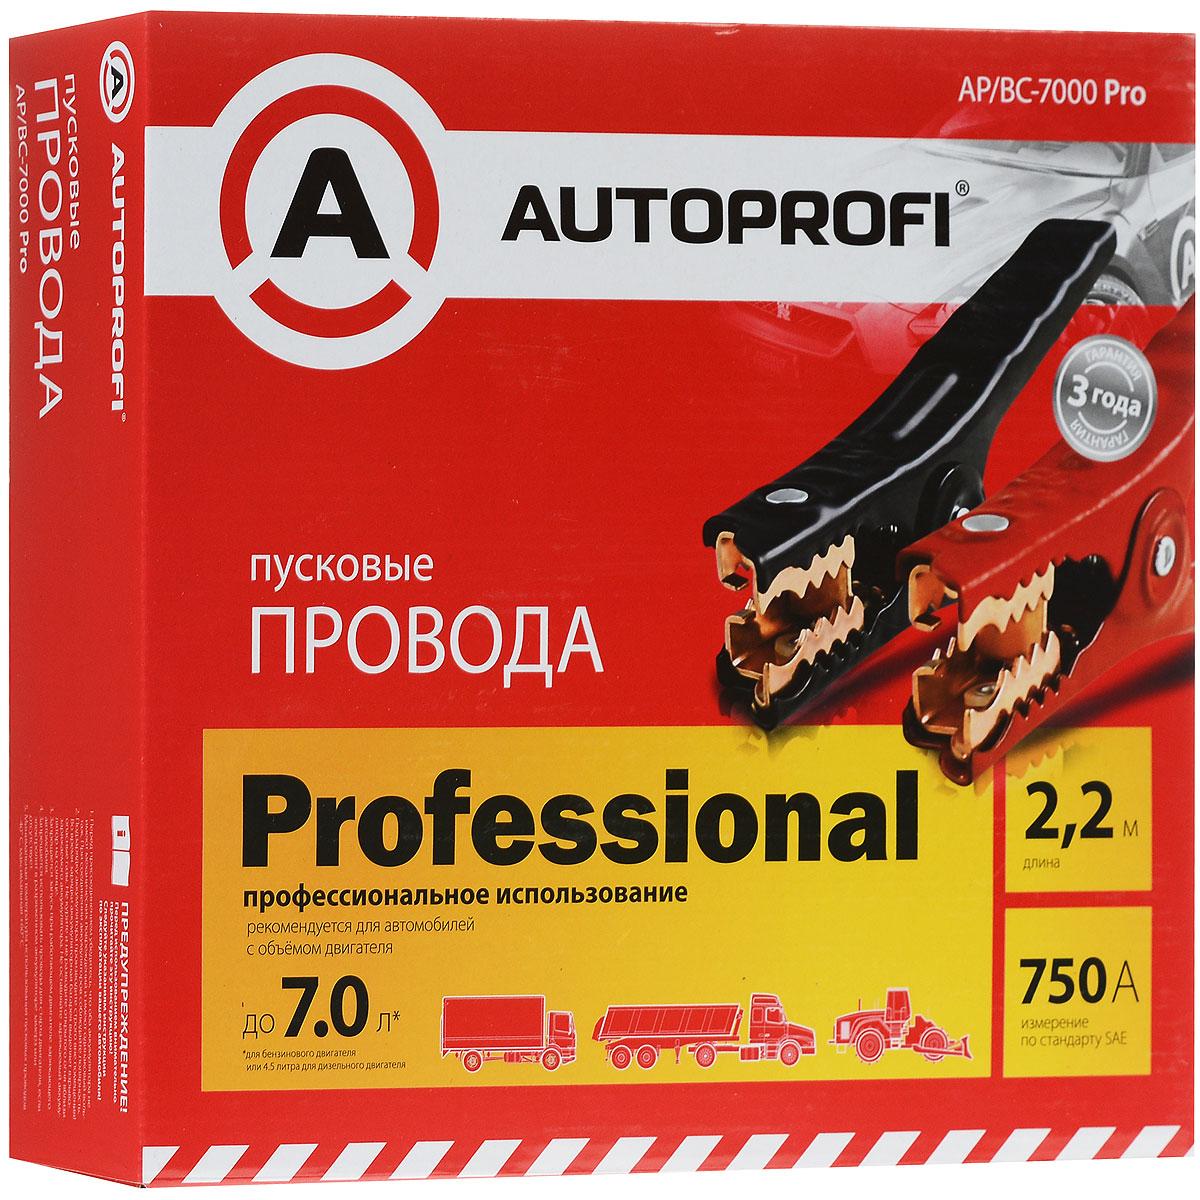 Провода пусковые Autoprofi Professional, 43 мм2, 750 A, 2,2 м провода пусковые autoprofi xl высокие нагрузки 21 15 мм2 450 a 3 5 м